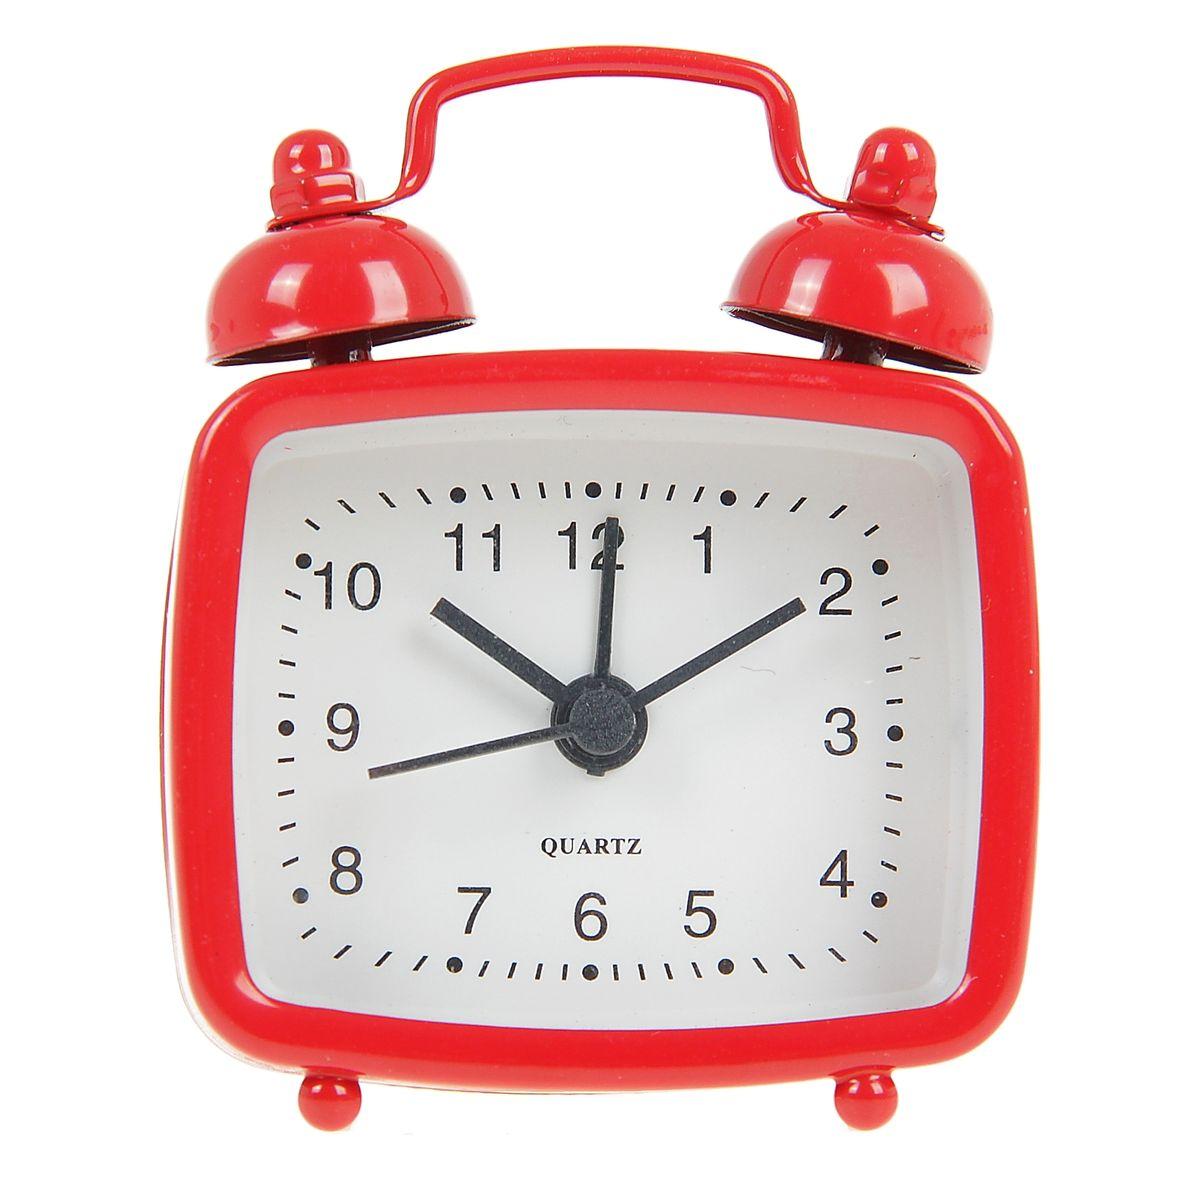 Часы-будильник Sima-land, цвет: красный. 840943840943Как же сложно иногда вставать вовремя! Всегда так хочется поспать еще хотя бы 5 минут и бывает, что мы просыпаем. Теперь этого не случится! Яркий, оригинальный будильник Sima-land поможет вам всегда вставать в нужное время и успевать везде и всюду. Будильник украсит вашу комнату и приведет в восхищение друзей. Эта уменьшенная версия привычного будильника умещается на ладони и работает так же громко, как и привычные аналоги. Время показывает точно и будит в установленный час.На задней панели будильника расположены переключатель включения/выключения механизма, а также два колесика для настройки текущего времени и времени звонка будильника.Будильник работает от 1 батарейки типа LR44 (входит в комплект).